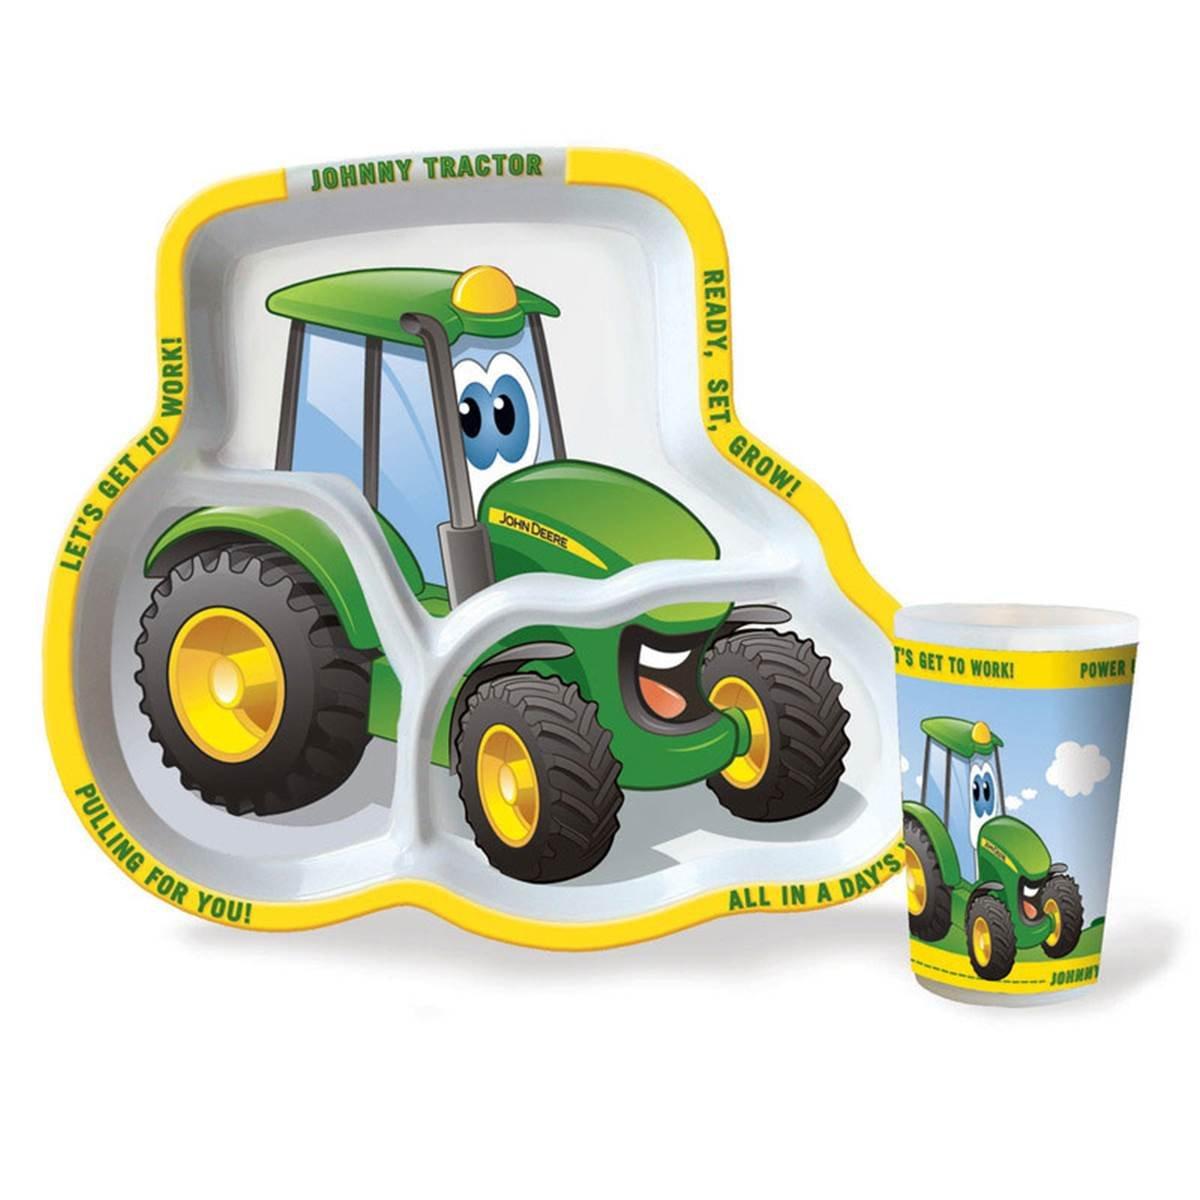 高い品質 John John Johnny Deere Childrens Johnny Deere Tractorプレート&カップセット 6 B077B9VZ5T, KupuKupu:c5c084db --- a0267596.xsph.ru